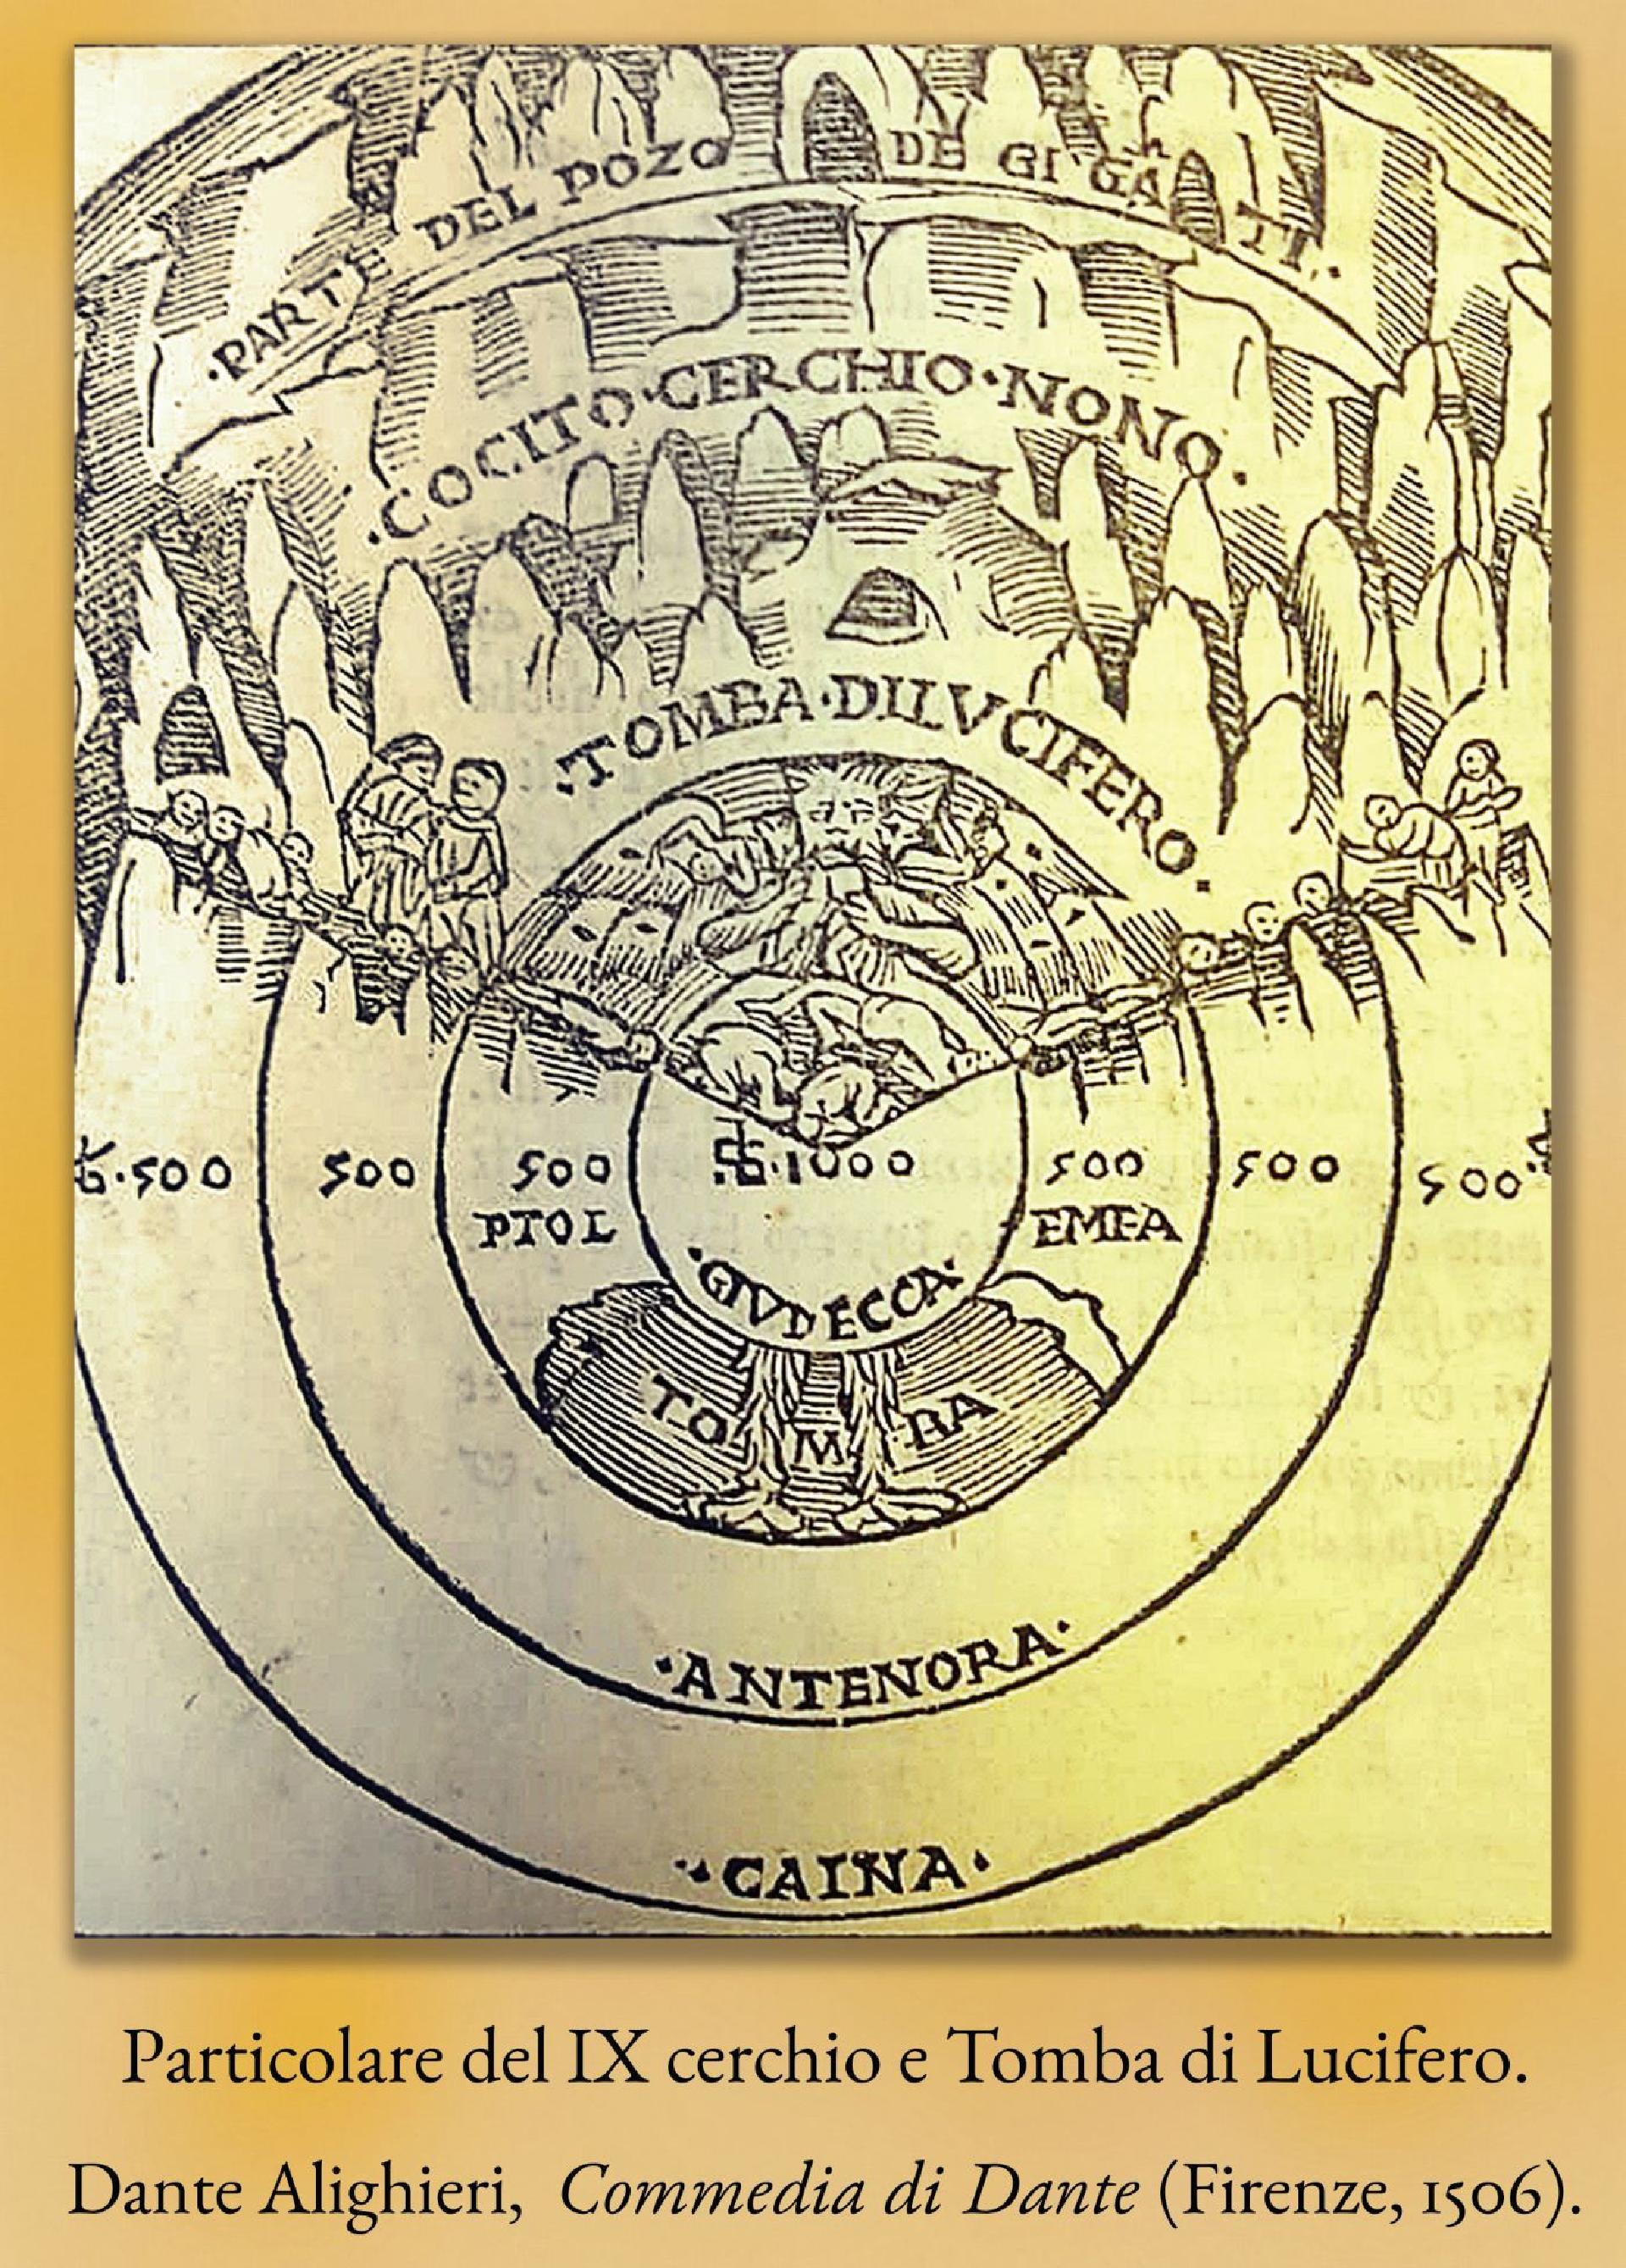 Commedia di Dante (Firenze, 1506)